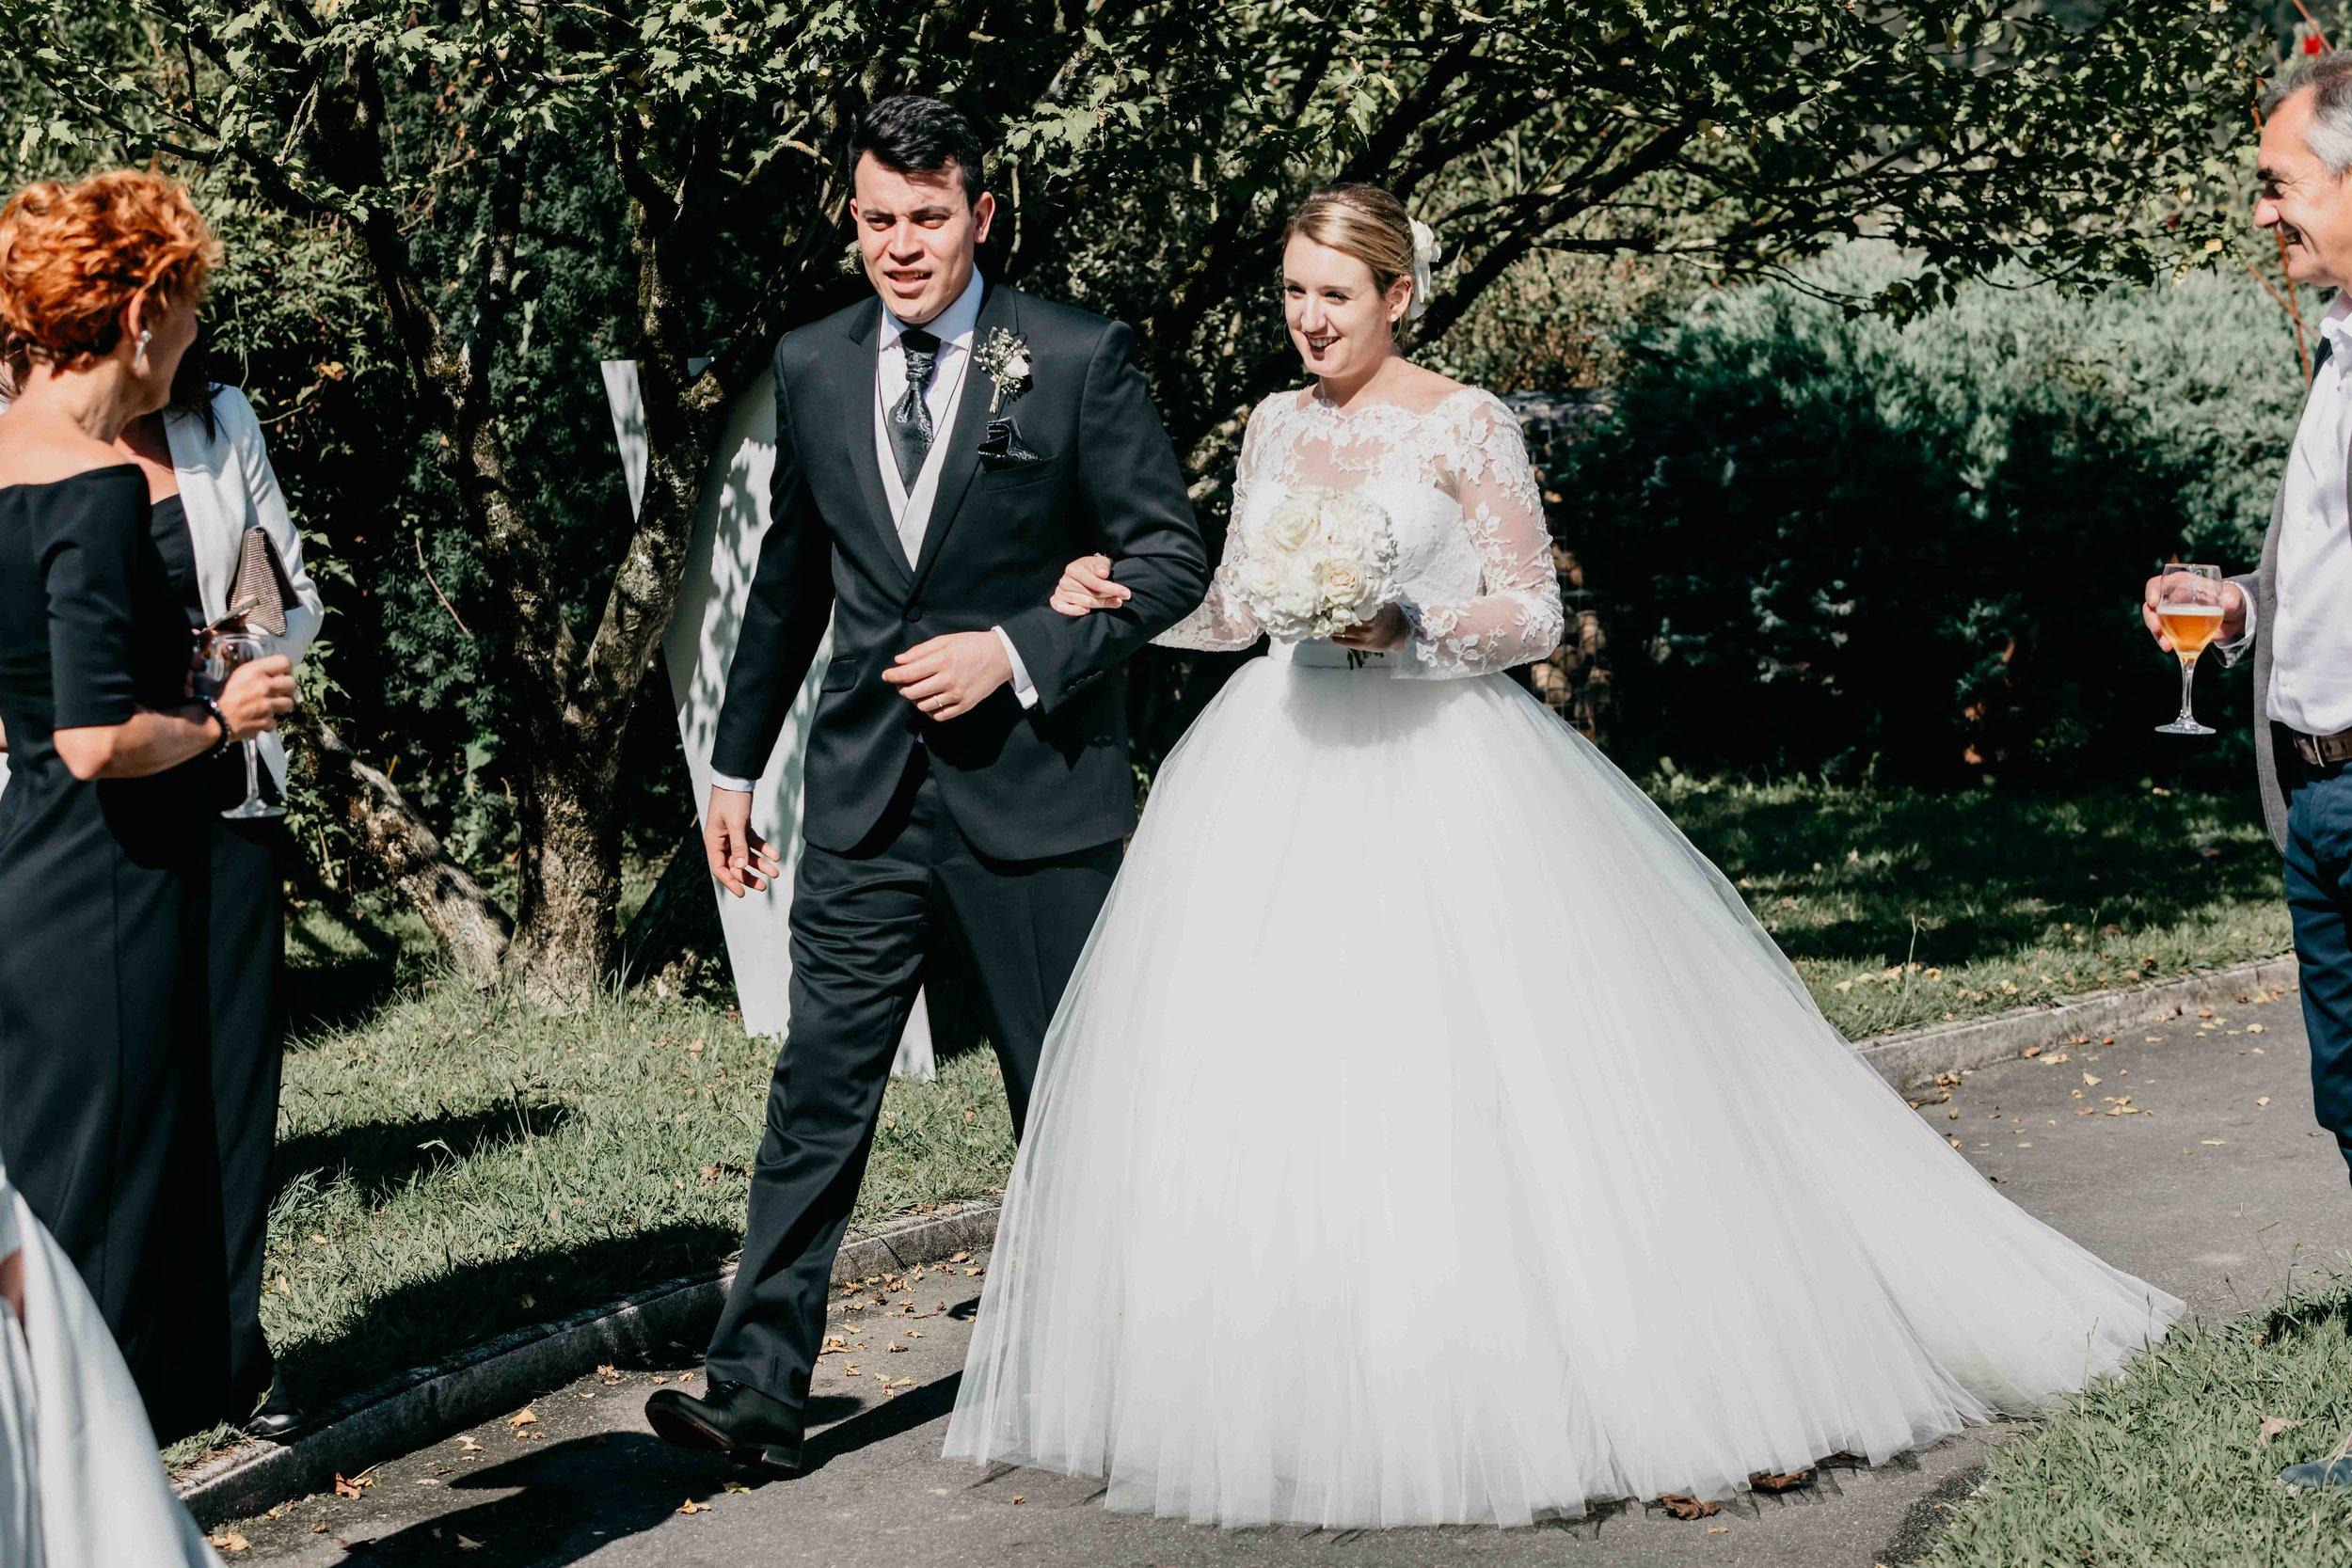 boda-araeta-donostia-sceneinlove-58.jpg